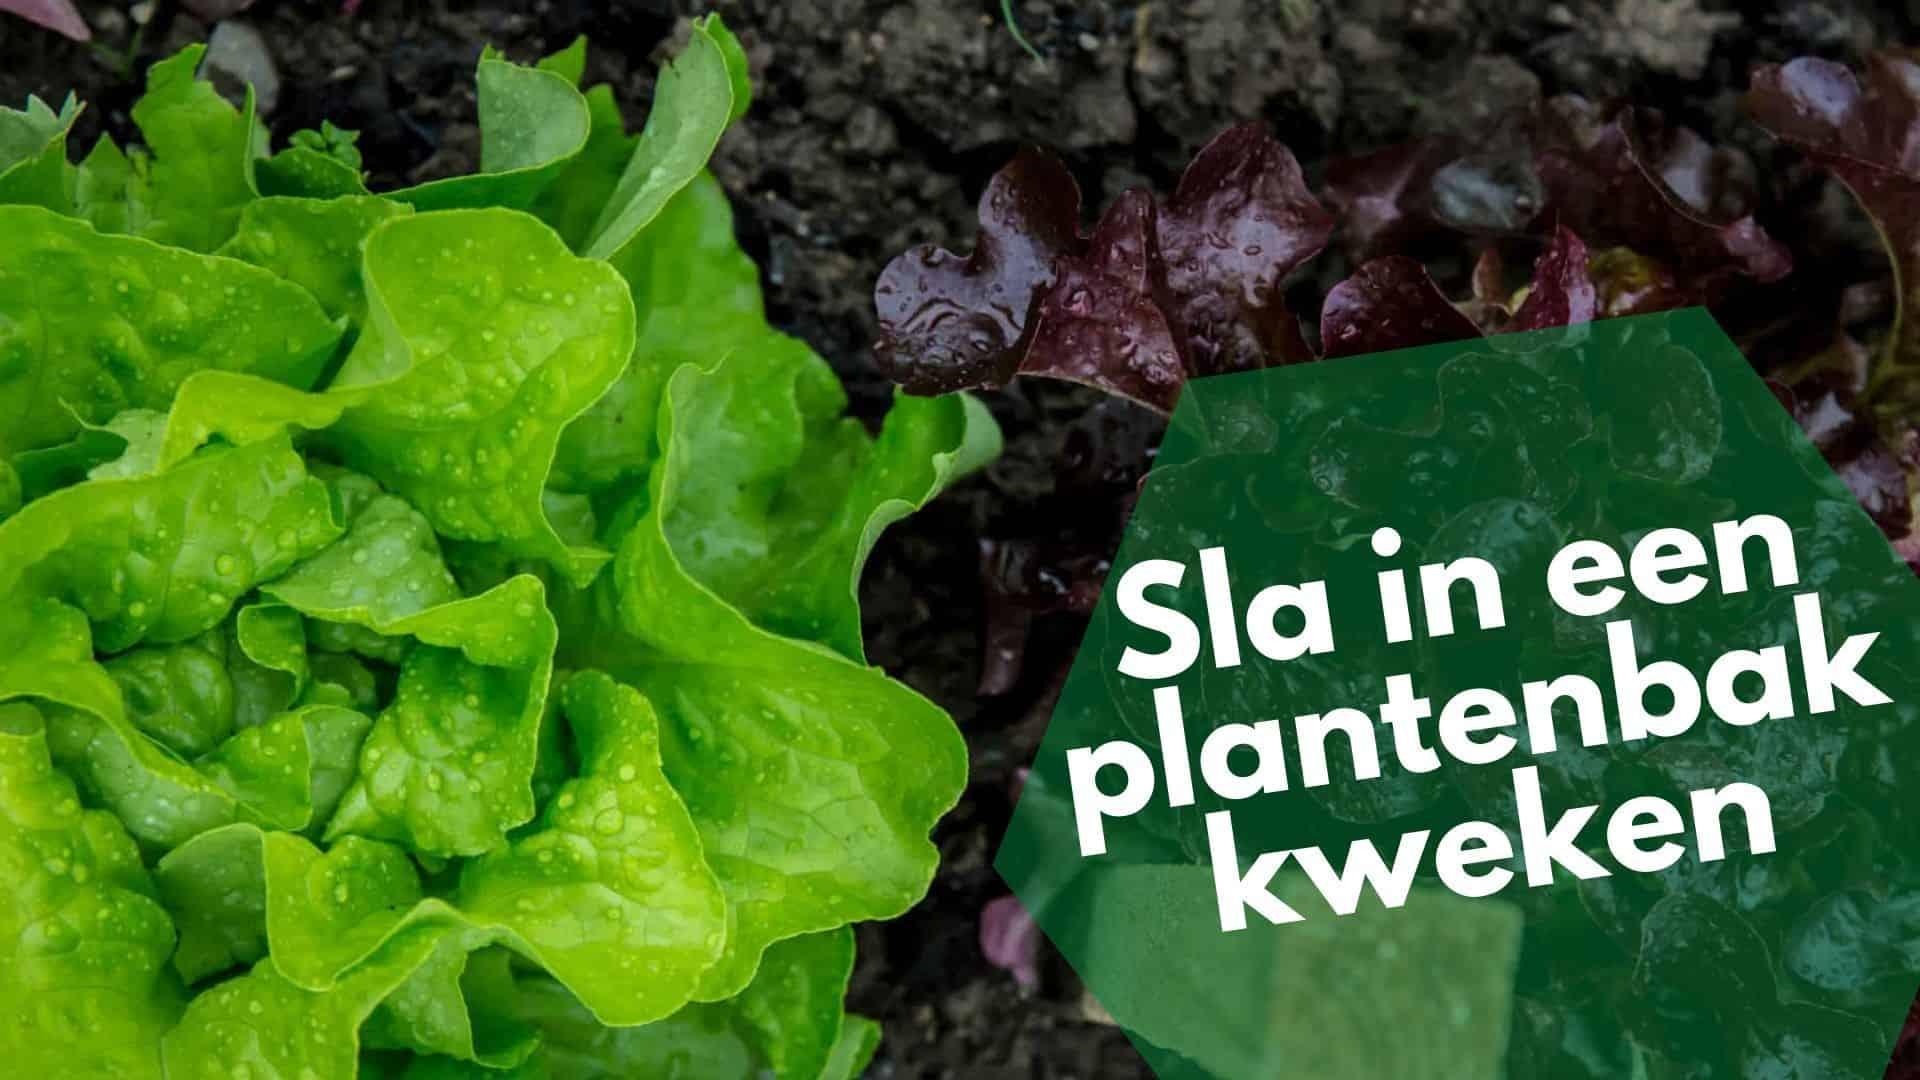 Sla in een plantenbak laten groeien   Hoe kweek je sla in een pot?